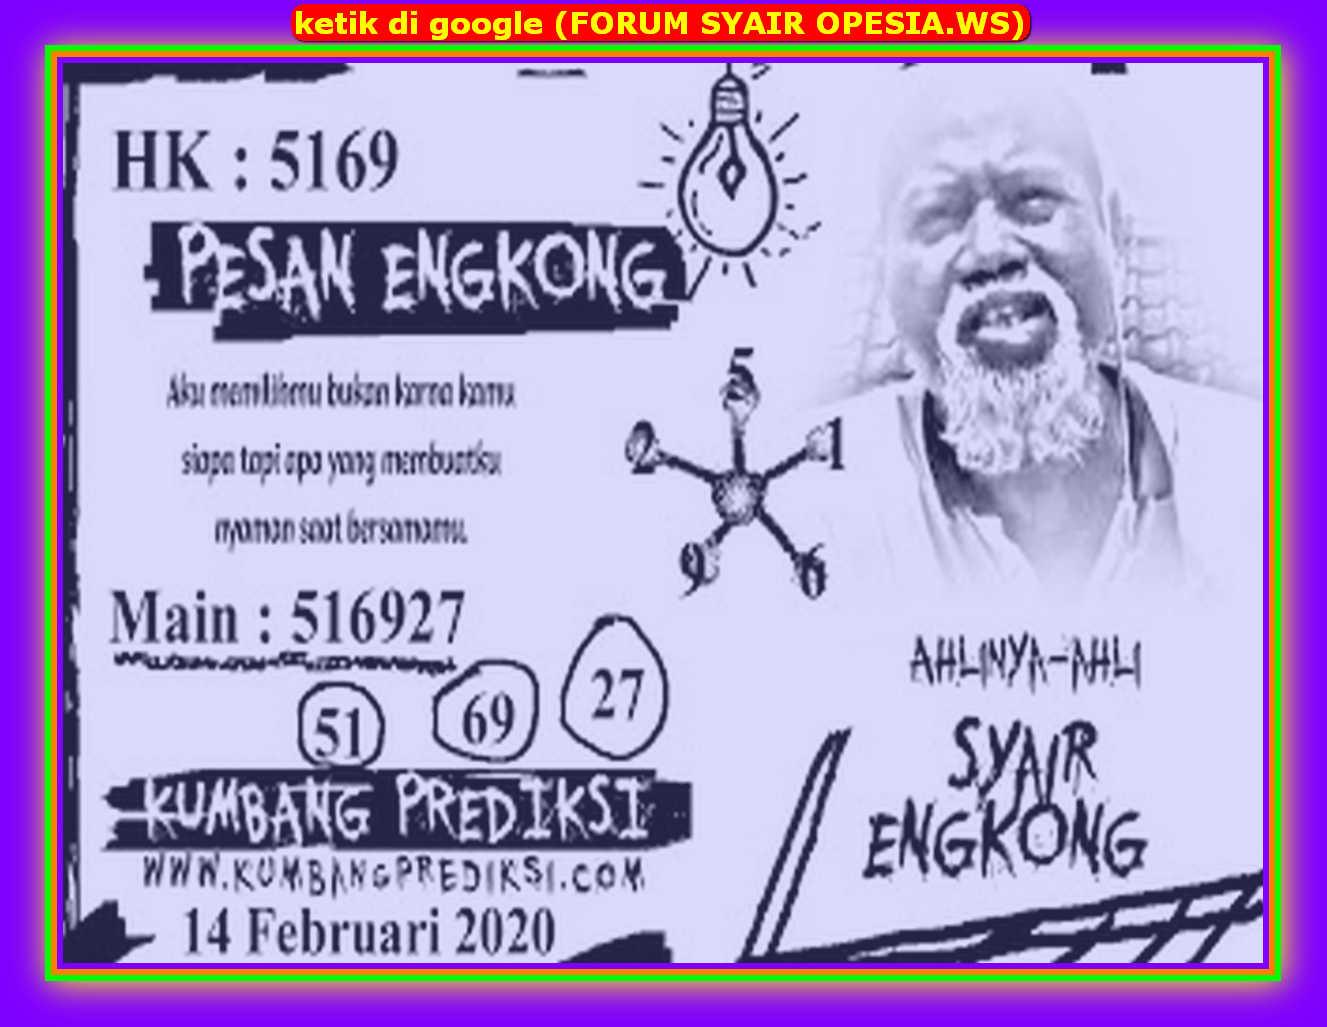 Kode syair Hongkong Jumat 14 Februari 2020 90